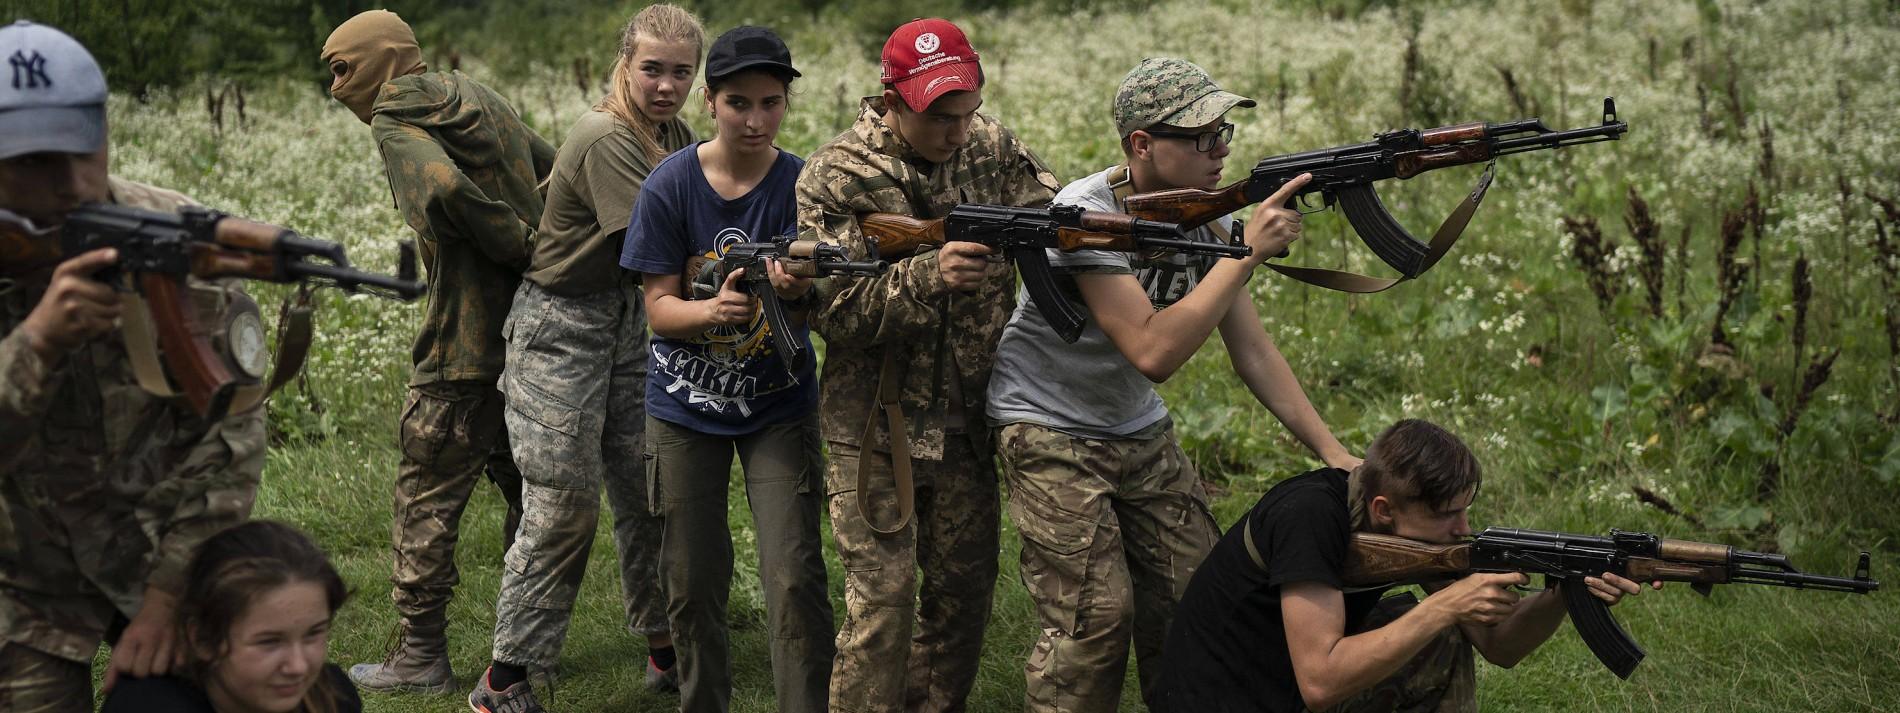 Sommerferien mit Sturmgewehr